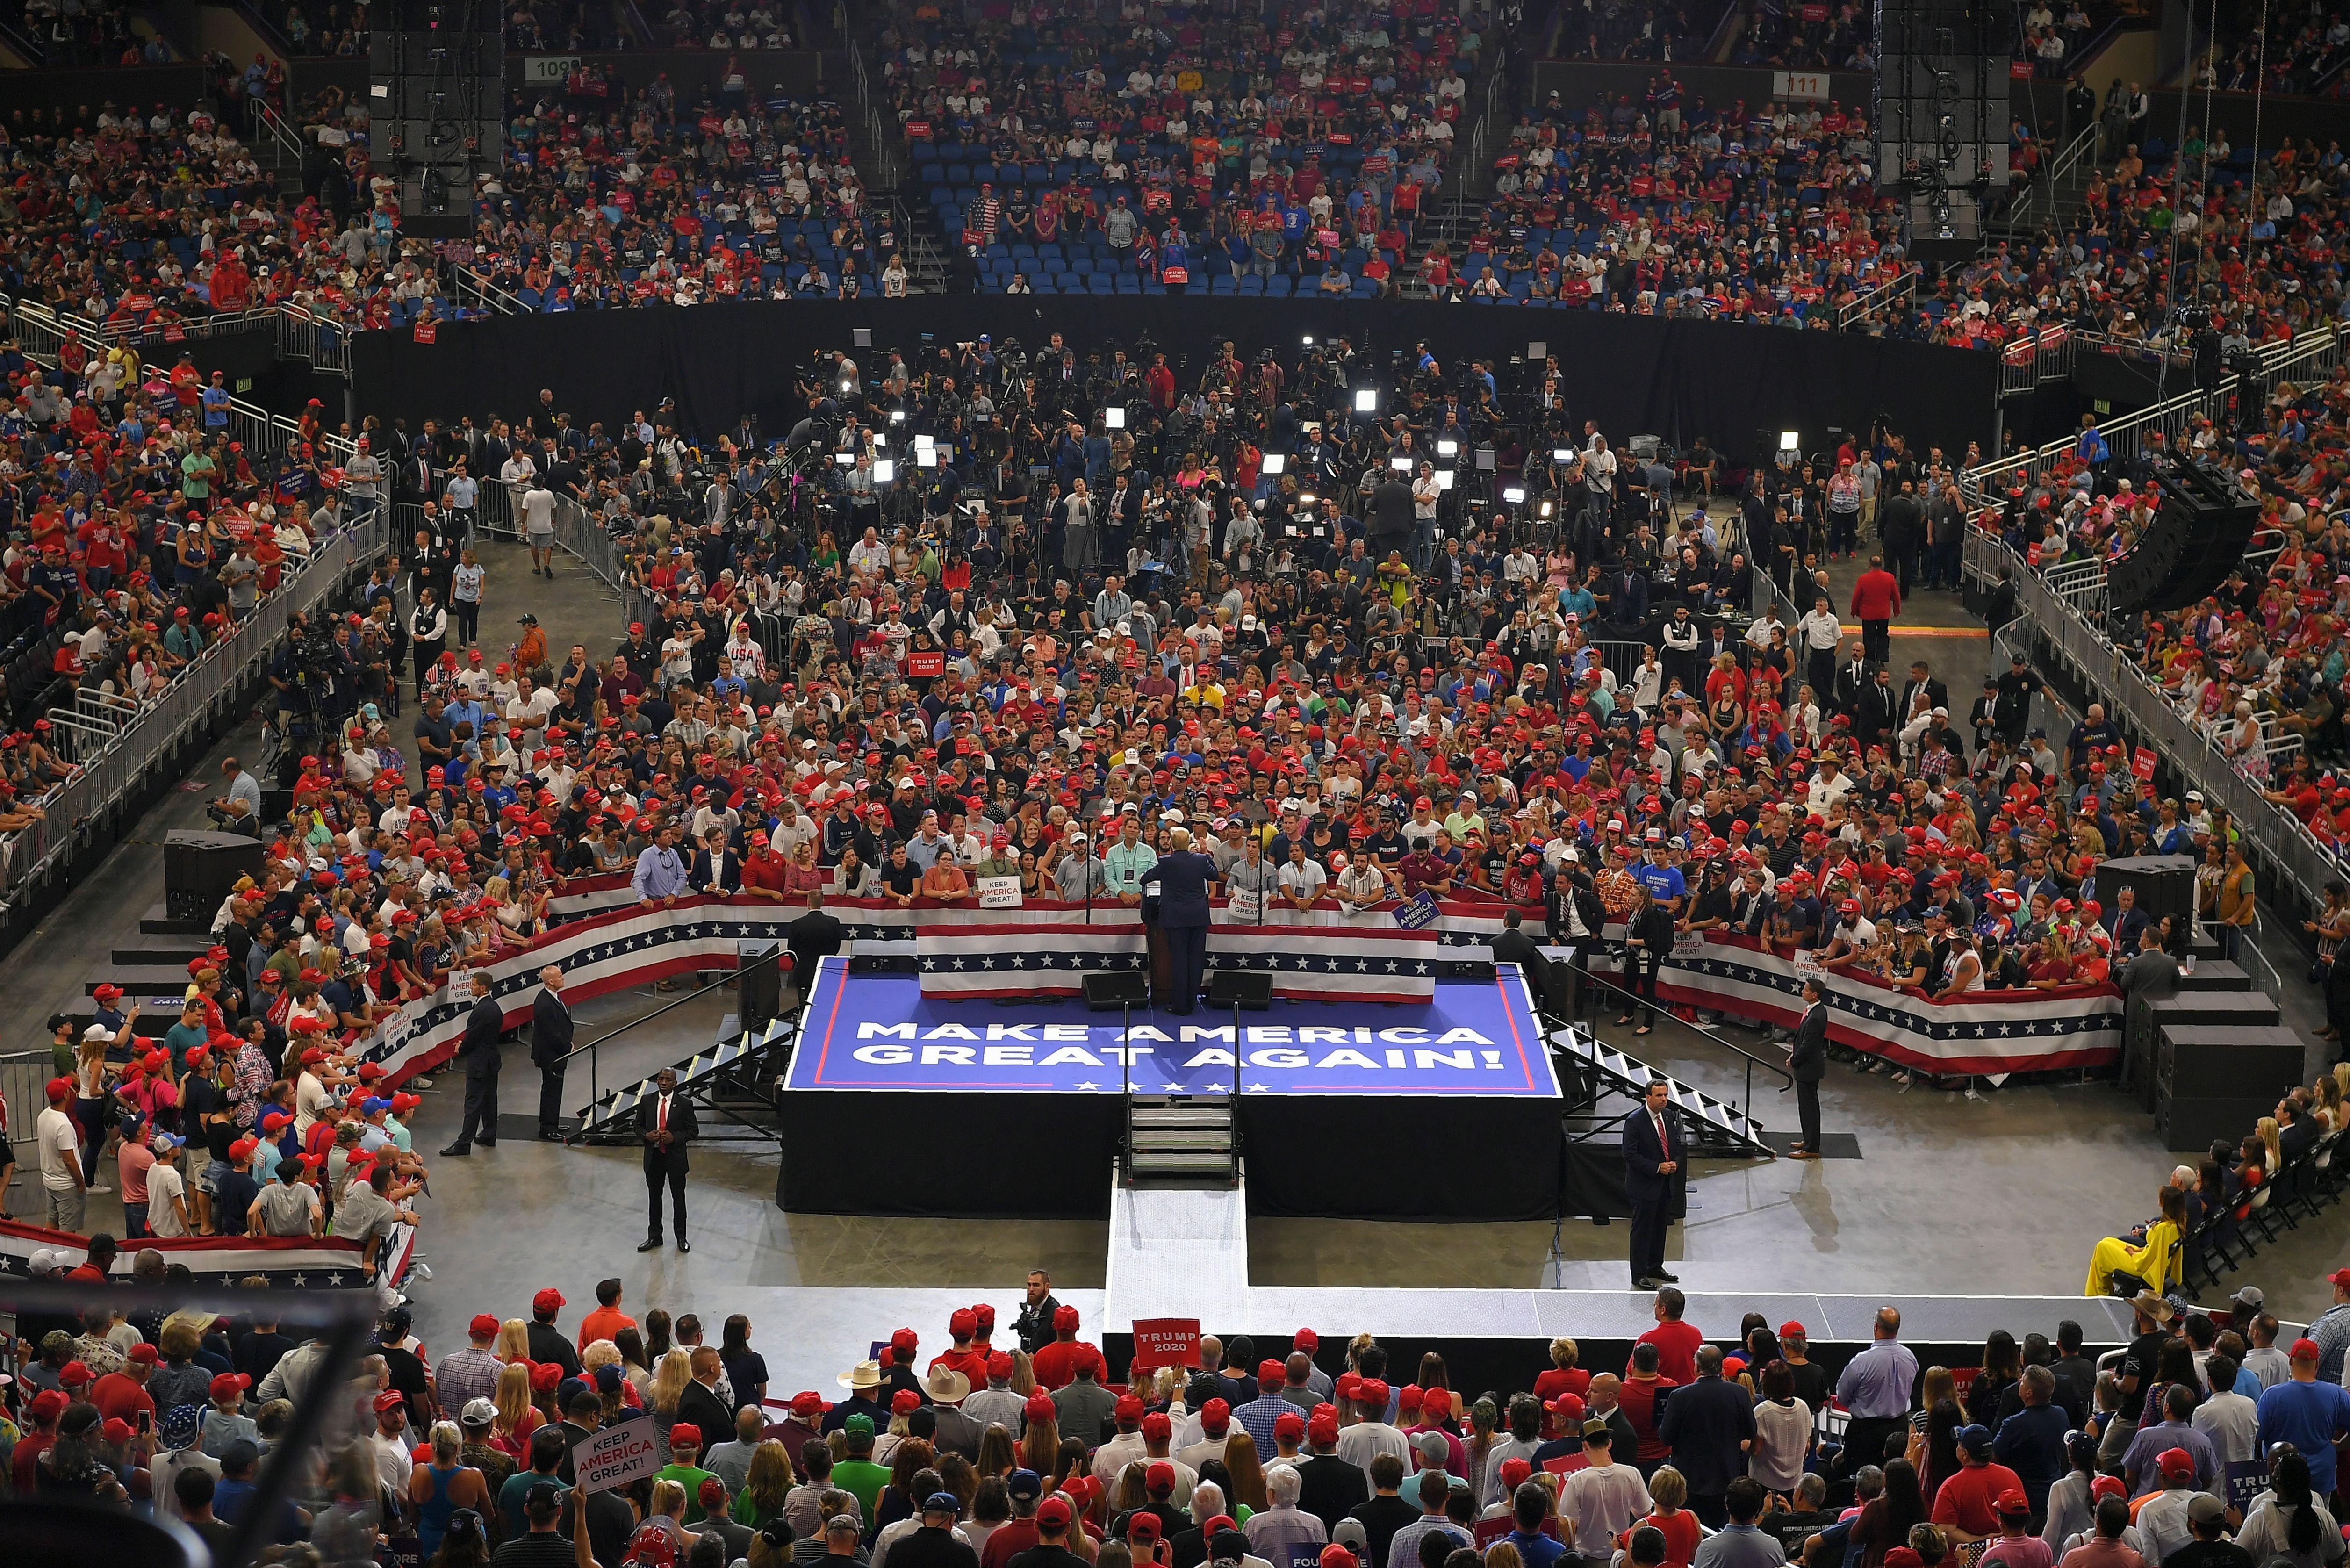 Donald Trump at Florida rally